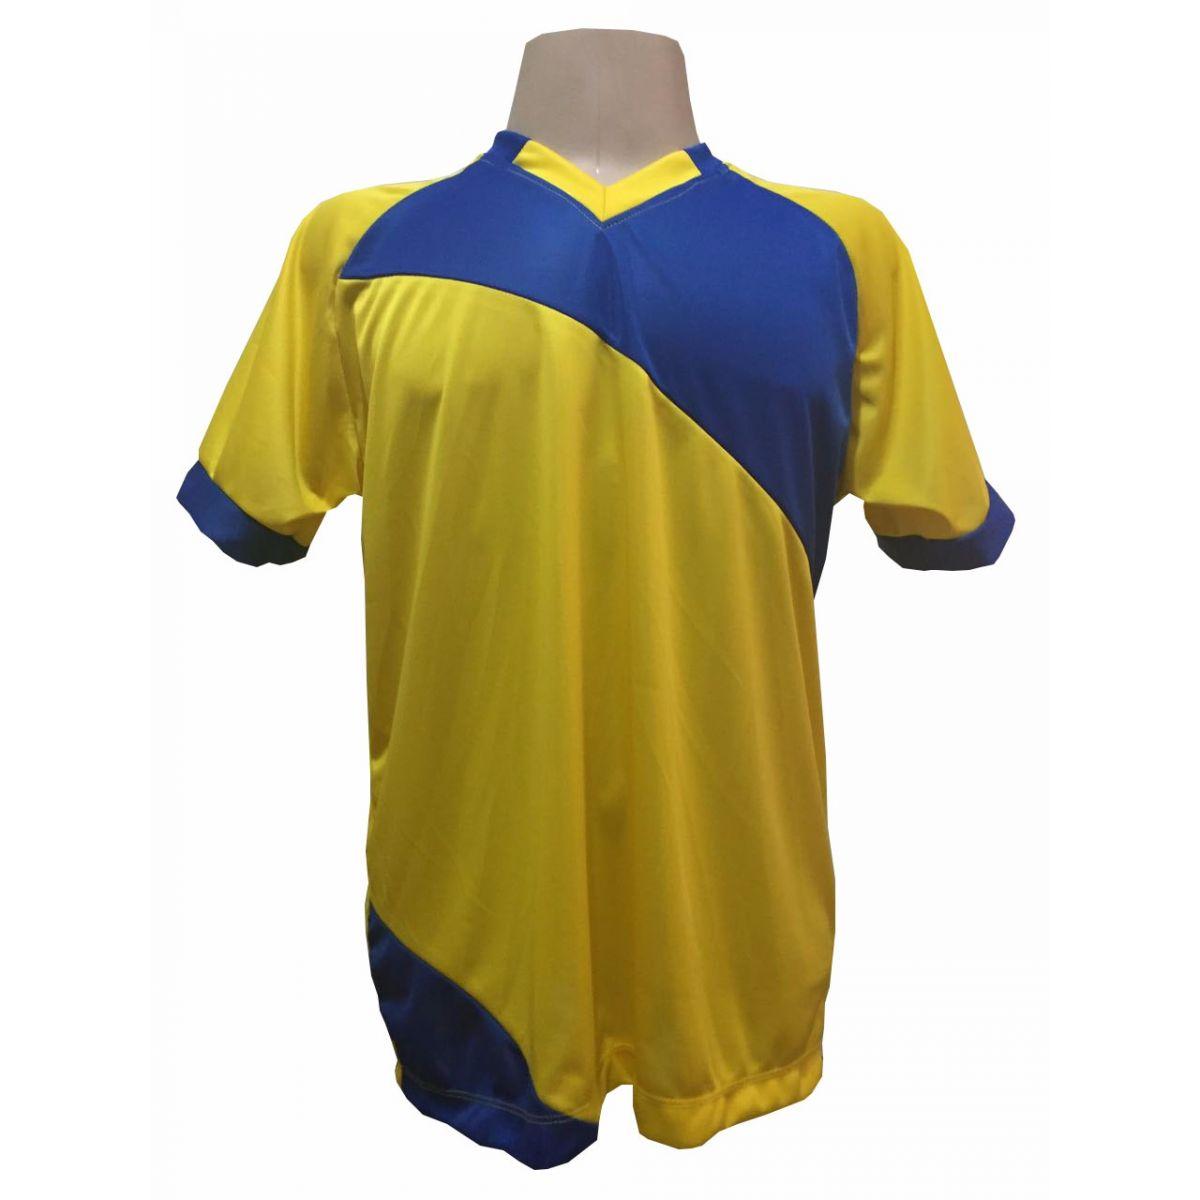 Jogo de Camisa com 20 unidades modelo Bélgica Amarelo/Royal + 1 Goleiro + Brindes